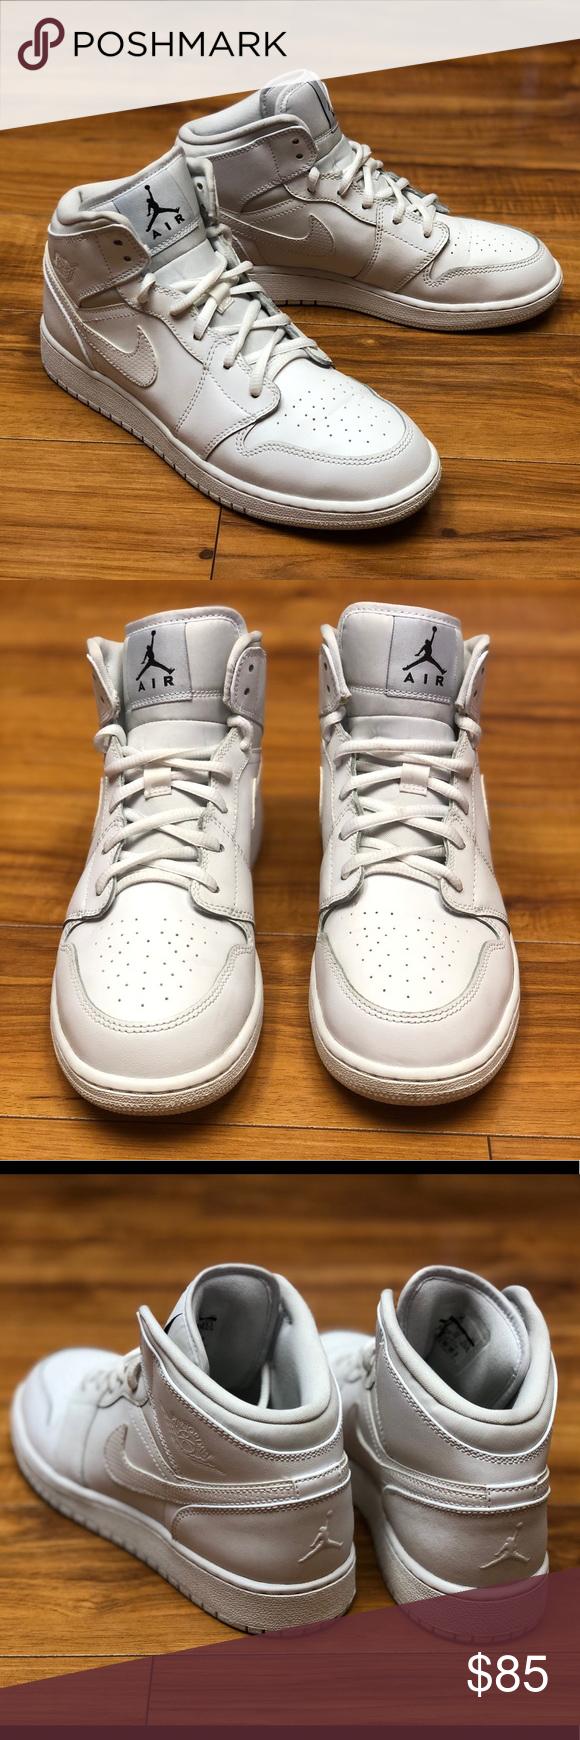 new styles 8becc e9b03 Nike Air Jordan 1 Mid BG 554725 110 Sz 6.5Y Nike Air Jordan 1 Mid